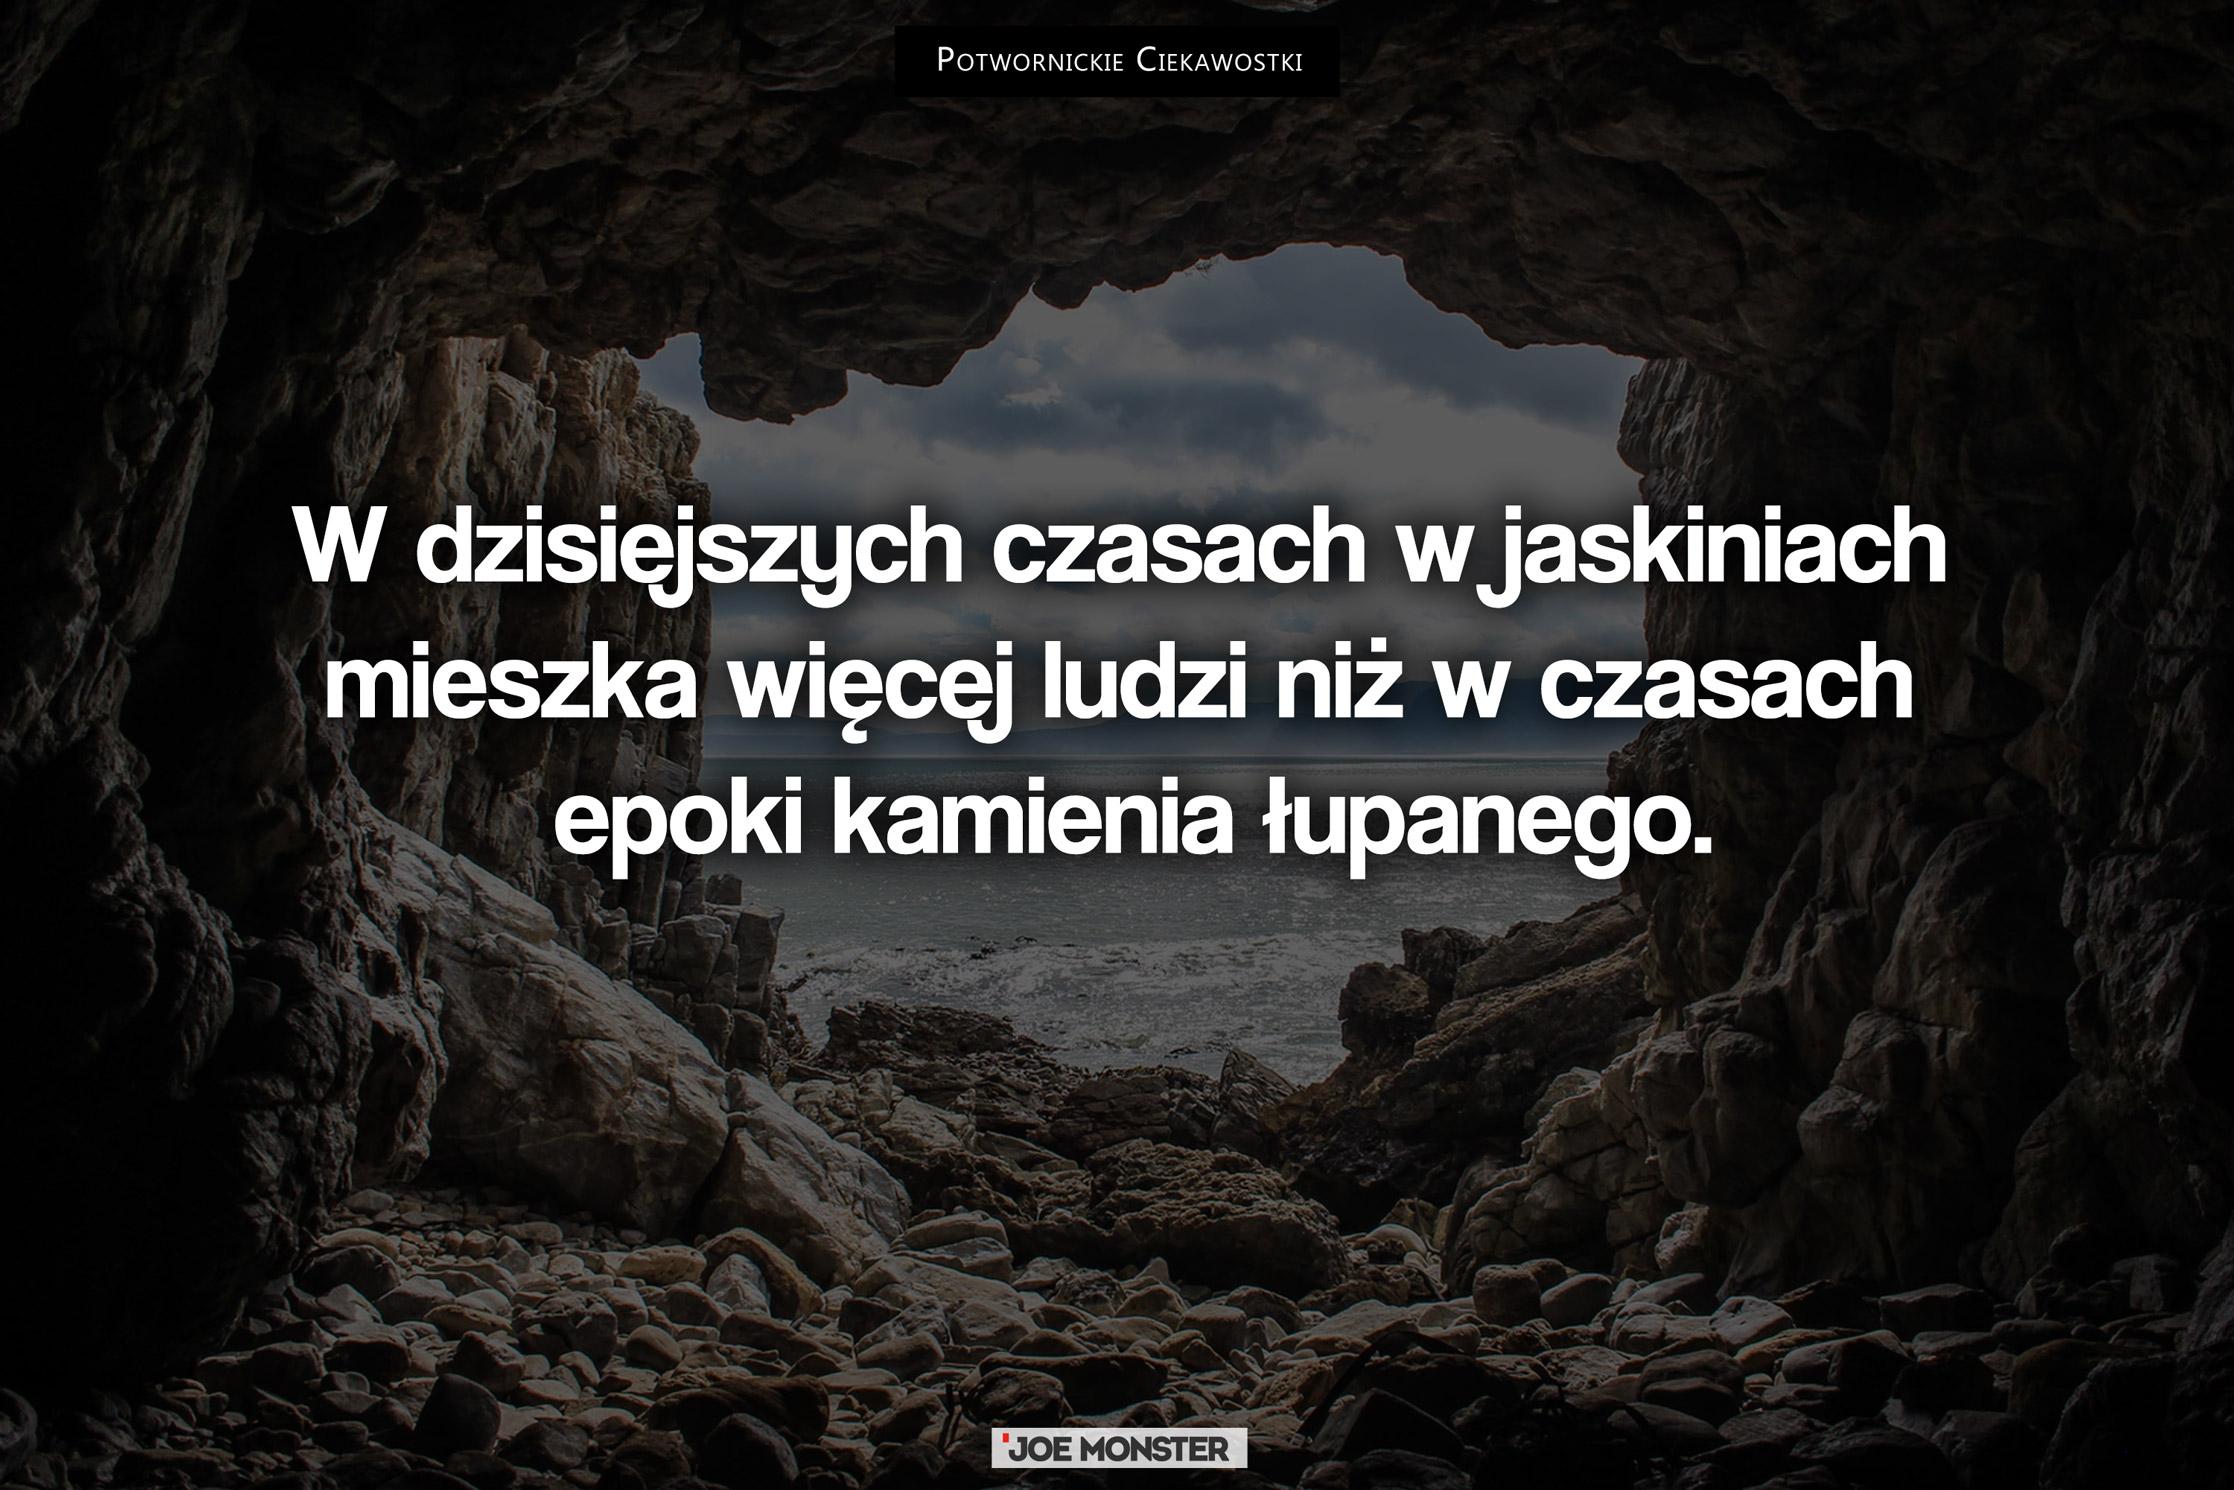 W dzisiejszych czasach w jaskiniach mieszka więcej ludzi niż w czasach epoki kamienia łupanego.